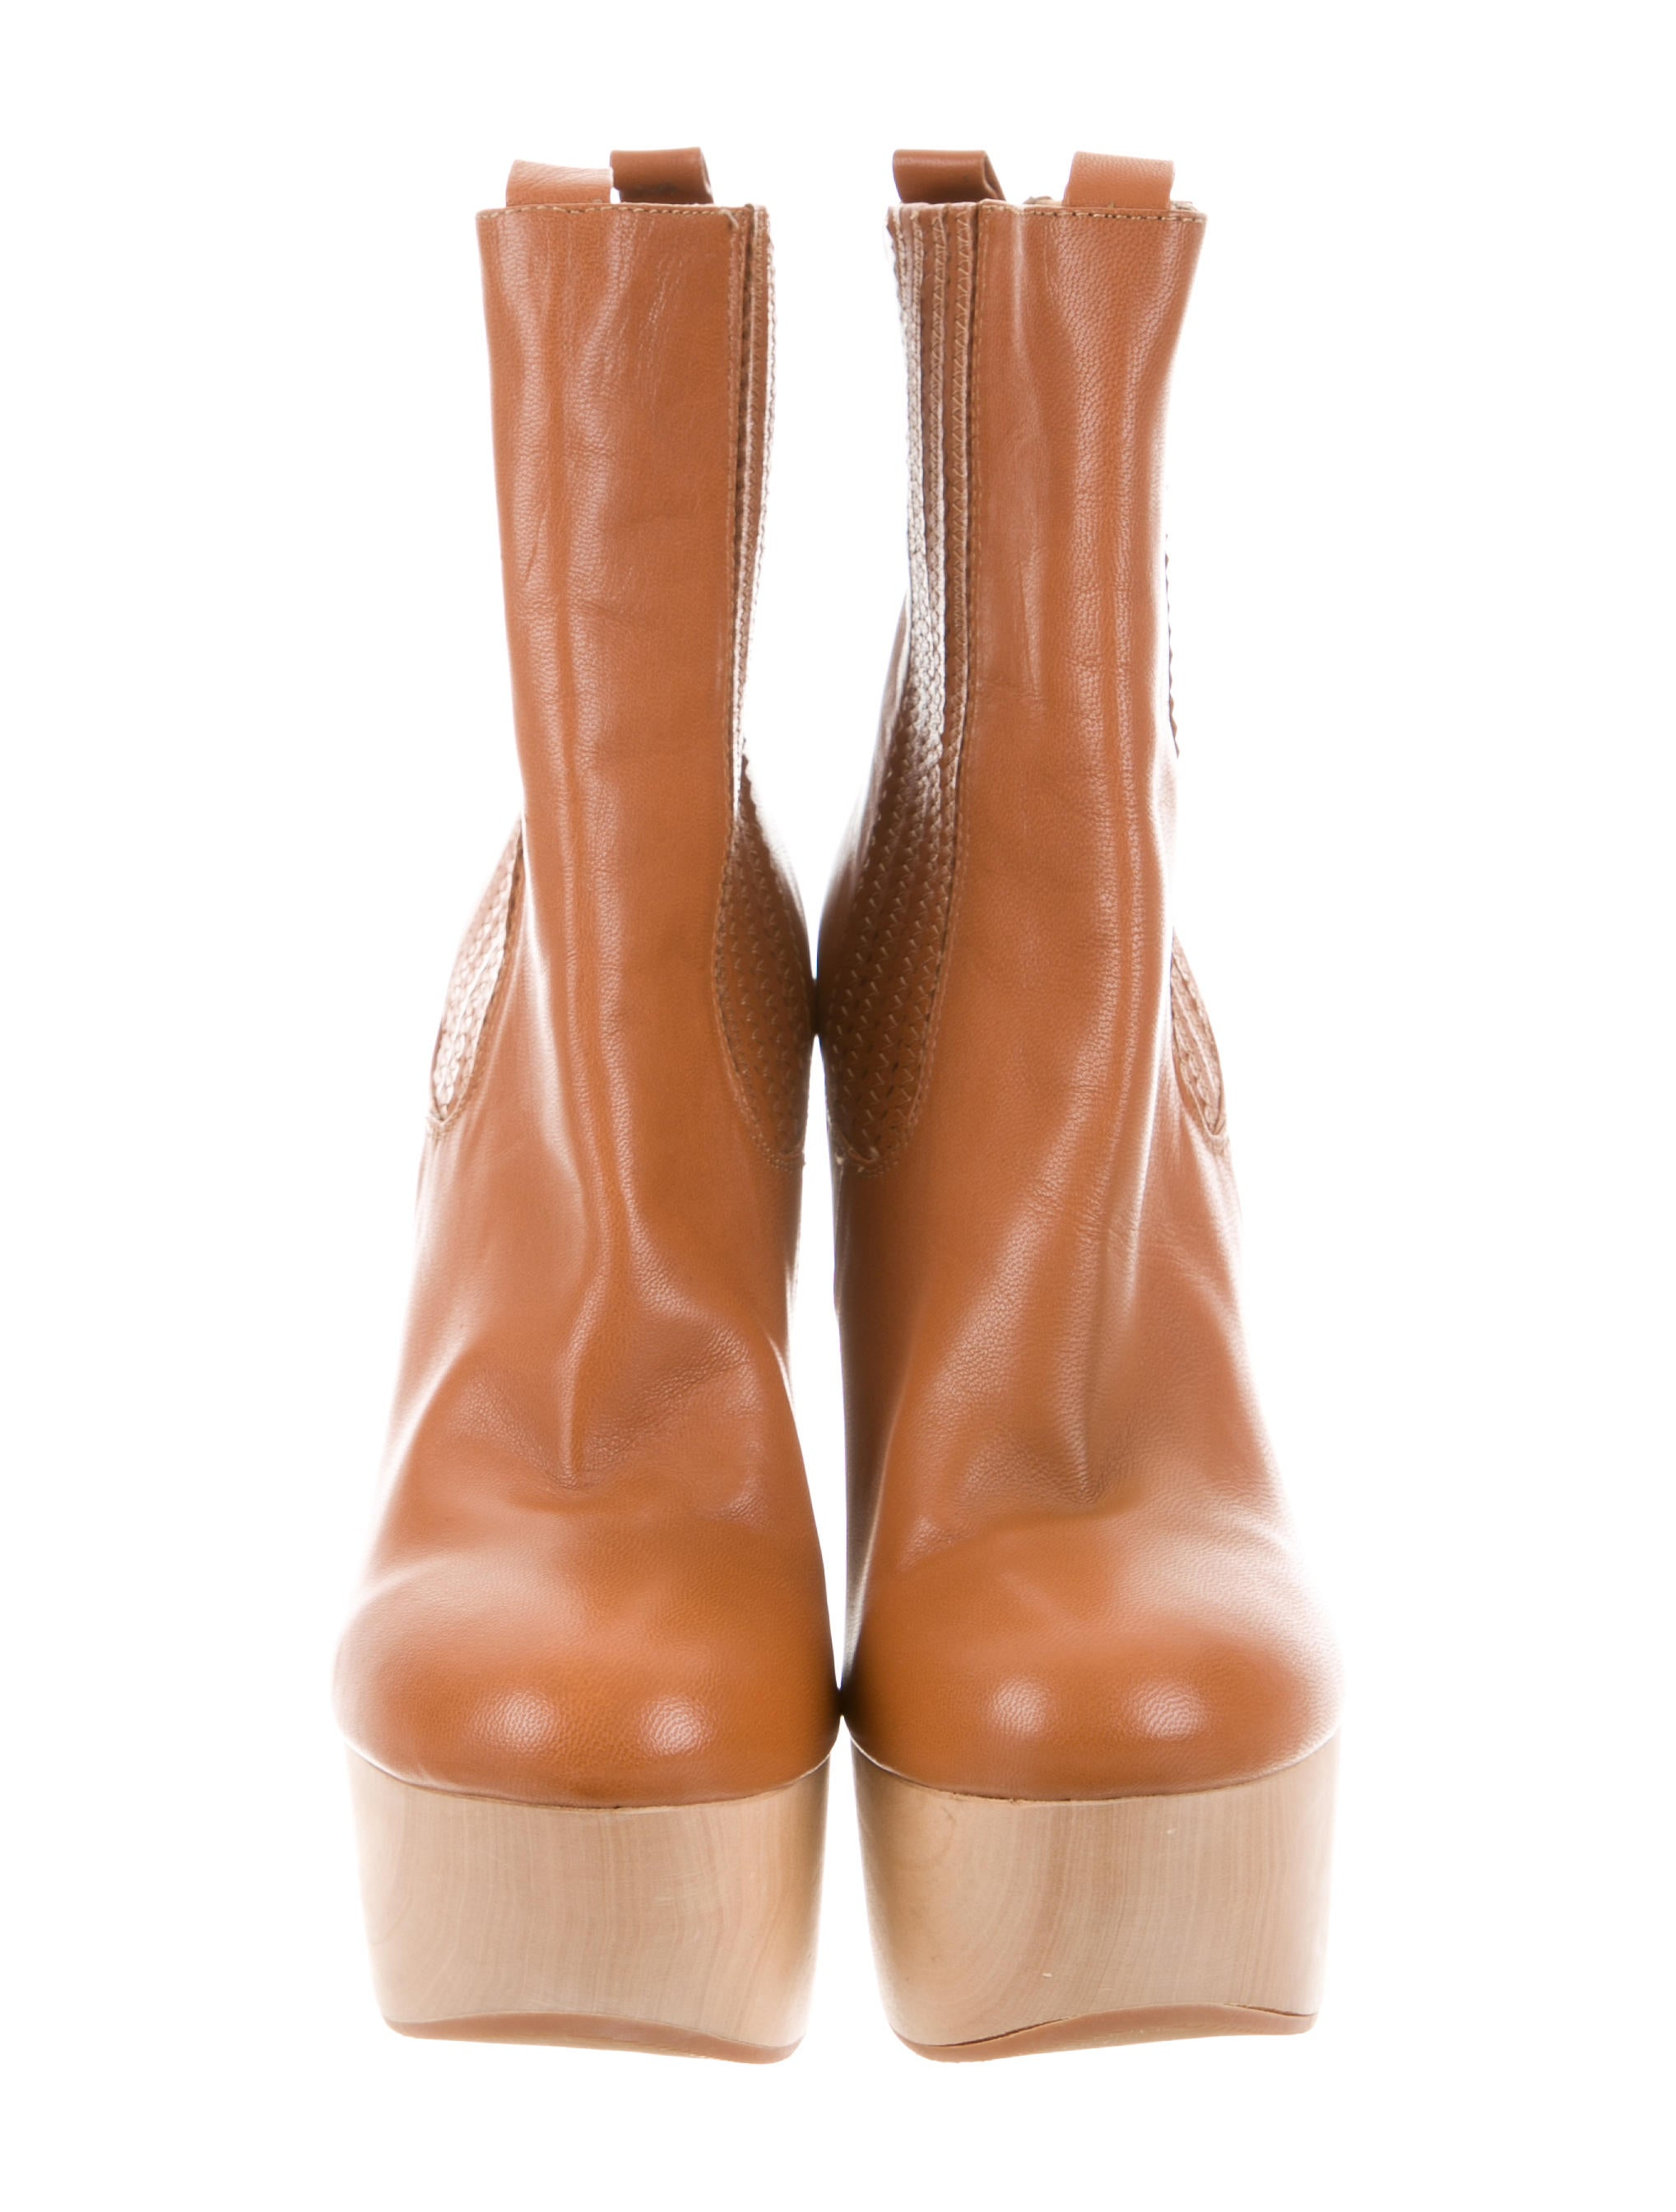 outlet 2014 sale popular Chloë Sevigny for Opening Ceremony Mary Jo Platform Ankle Boots sale fast delivery nicekicks sale online DEfMrDUl